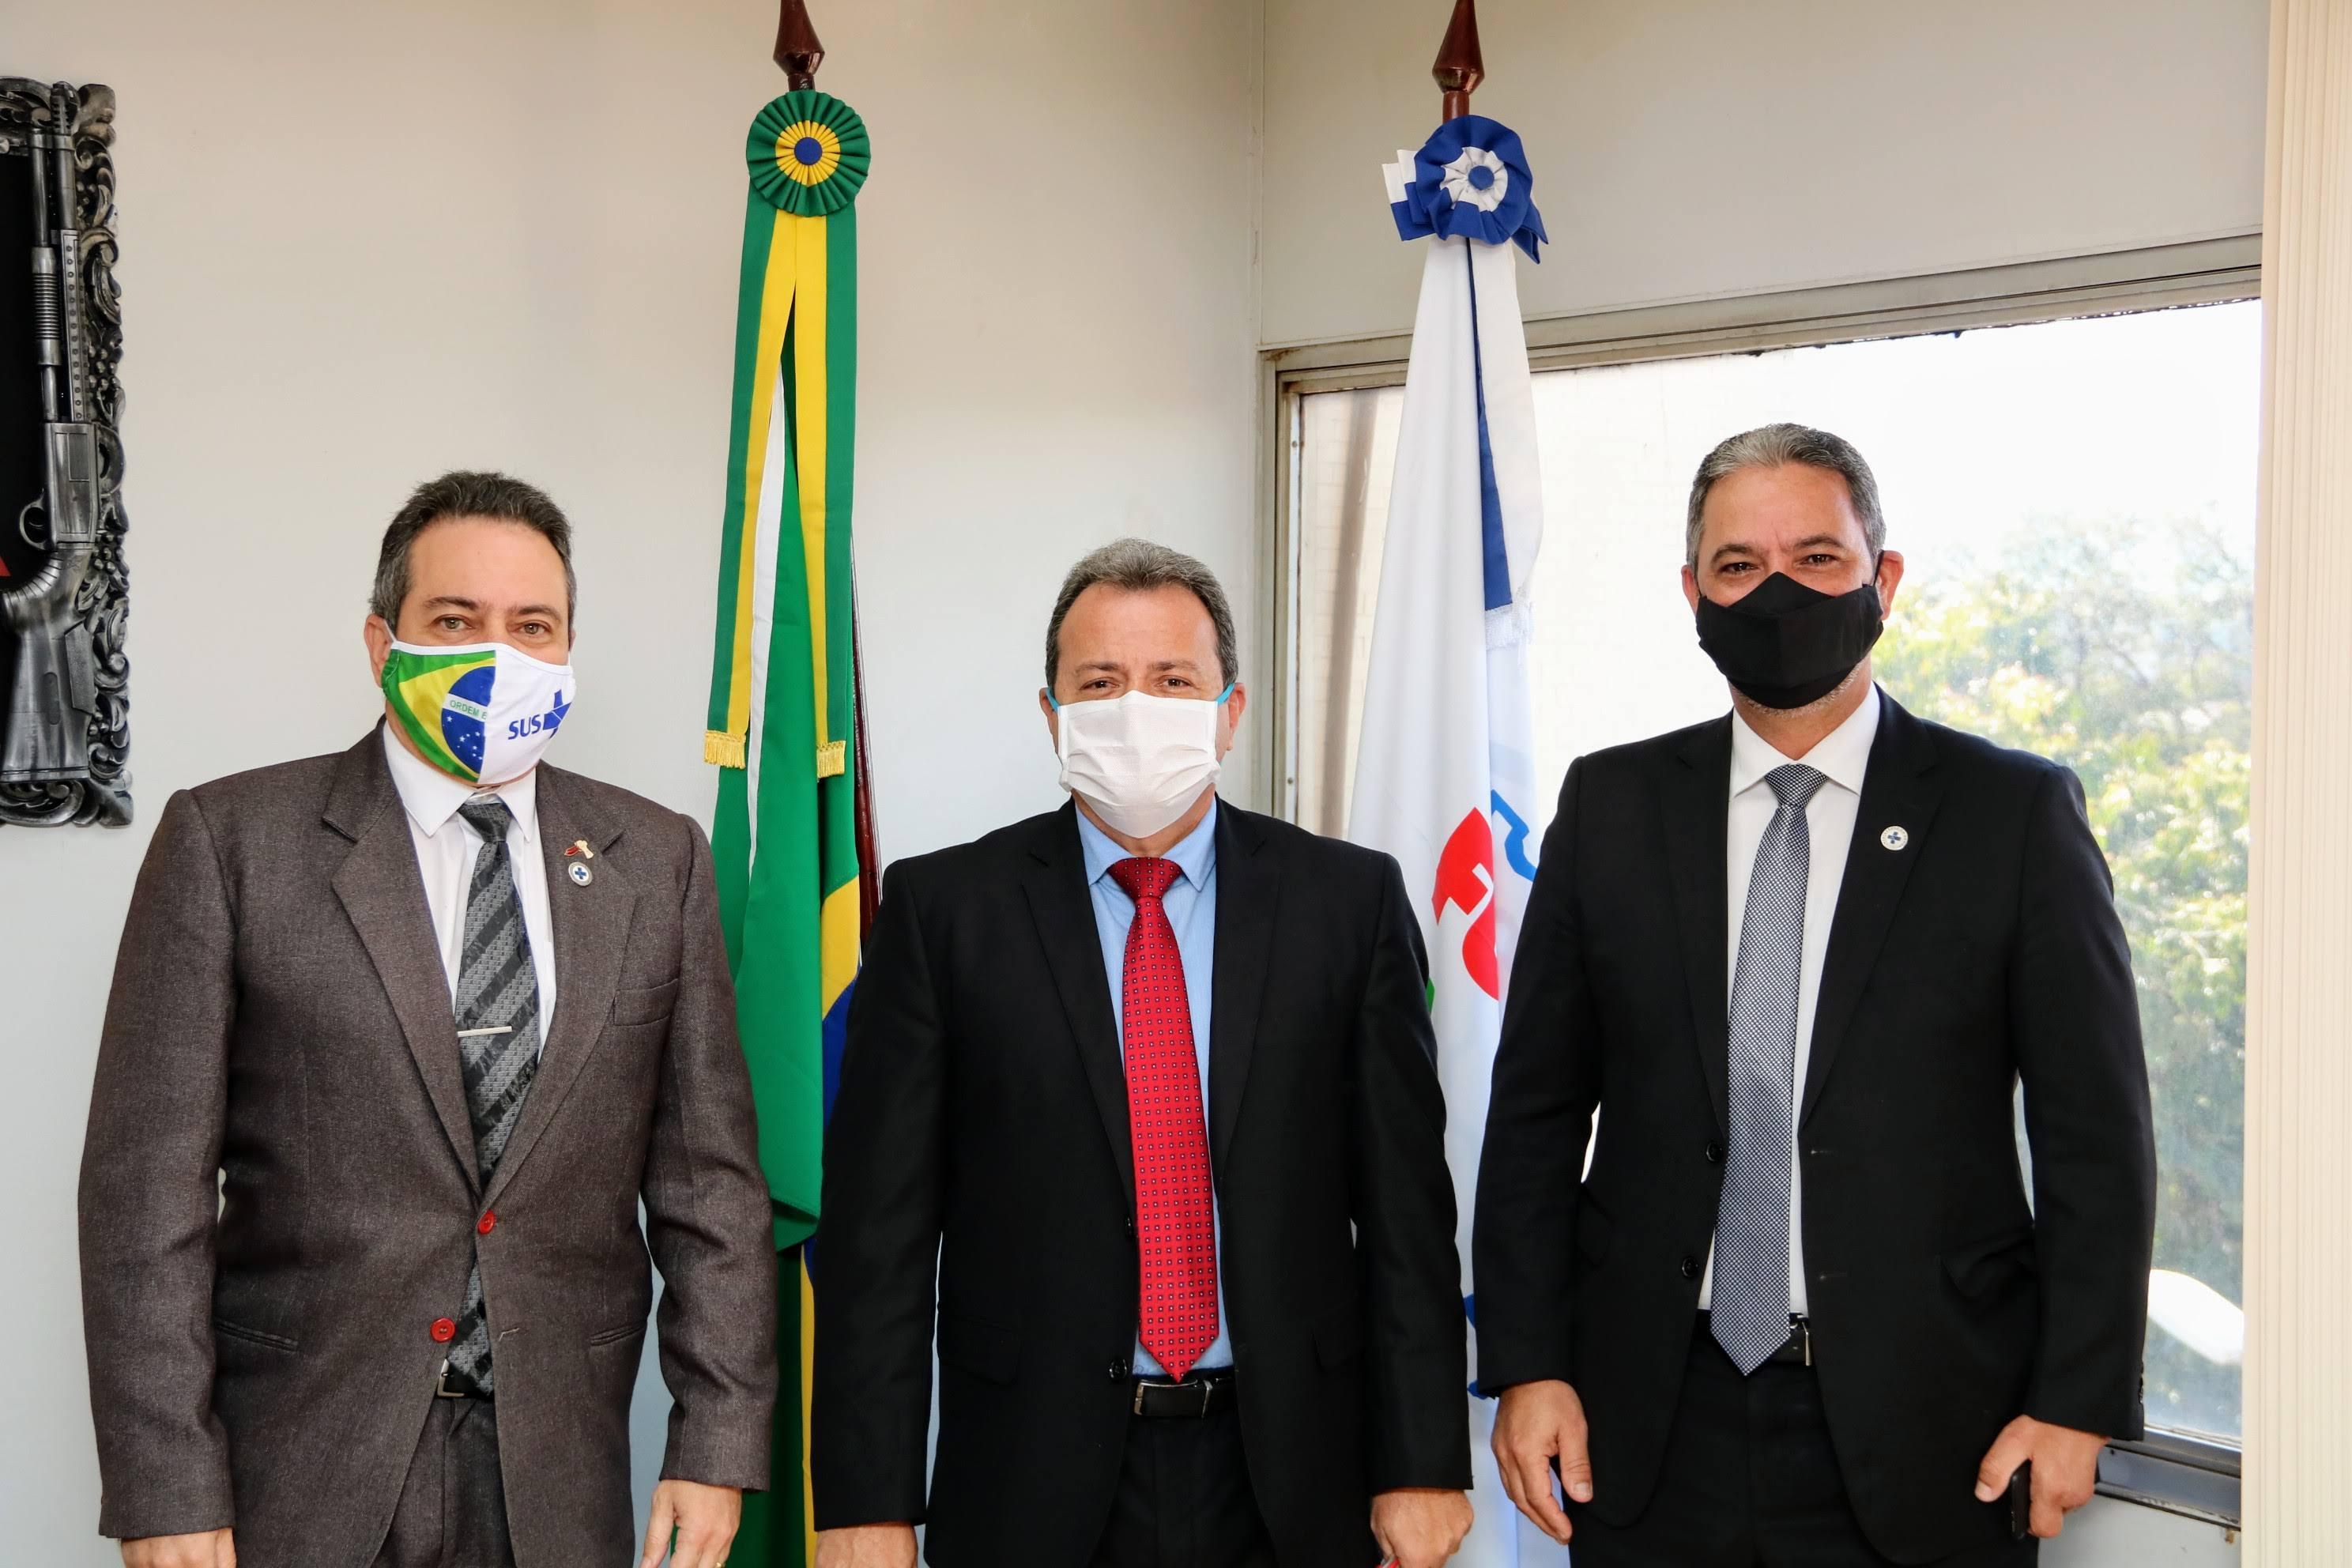 Secretário-executivo do Ministério da Saúde visita a Funasa